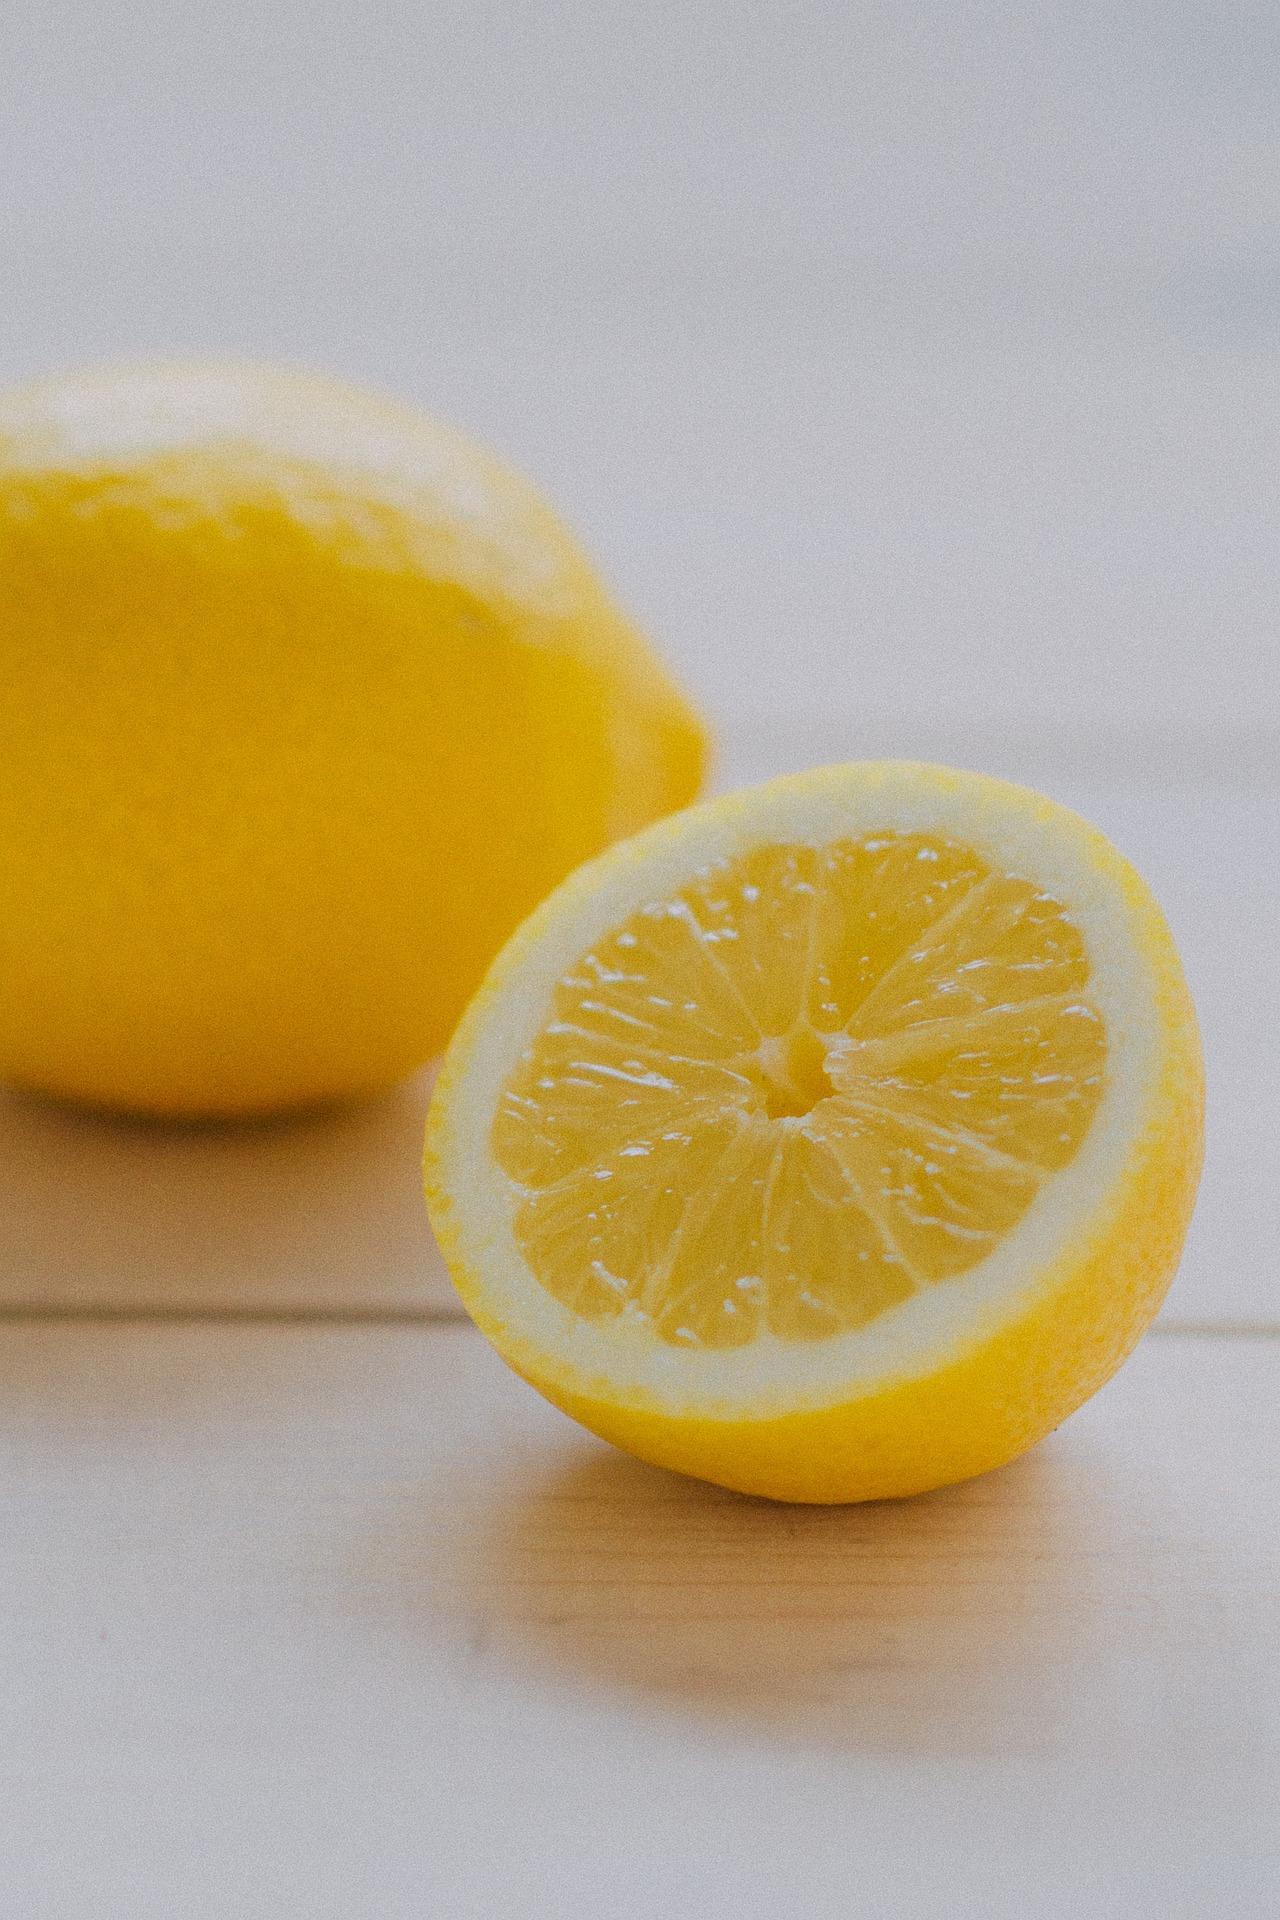 lemon sliced.jpg